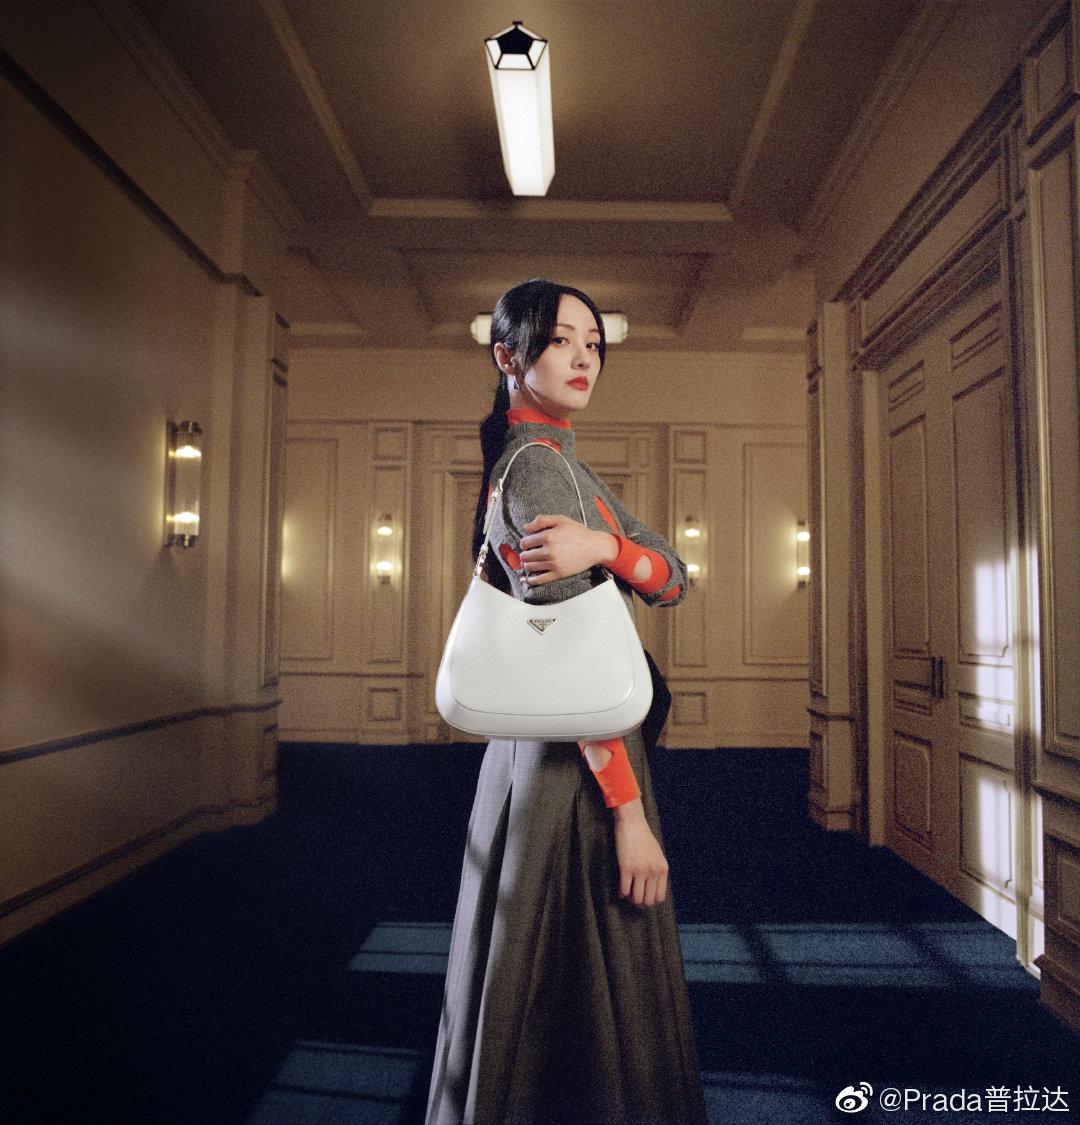 Trịnh Sảng dính phốt chấn động khiến cổ phiếu Prada lao dốc không phanh, chủ tạp chí thời trang cũng choáng váng - Ảnh 1.